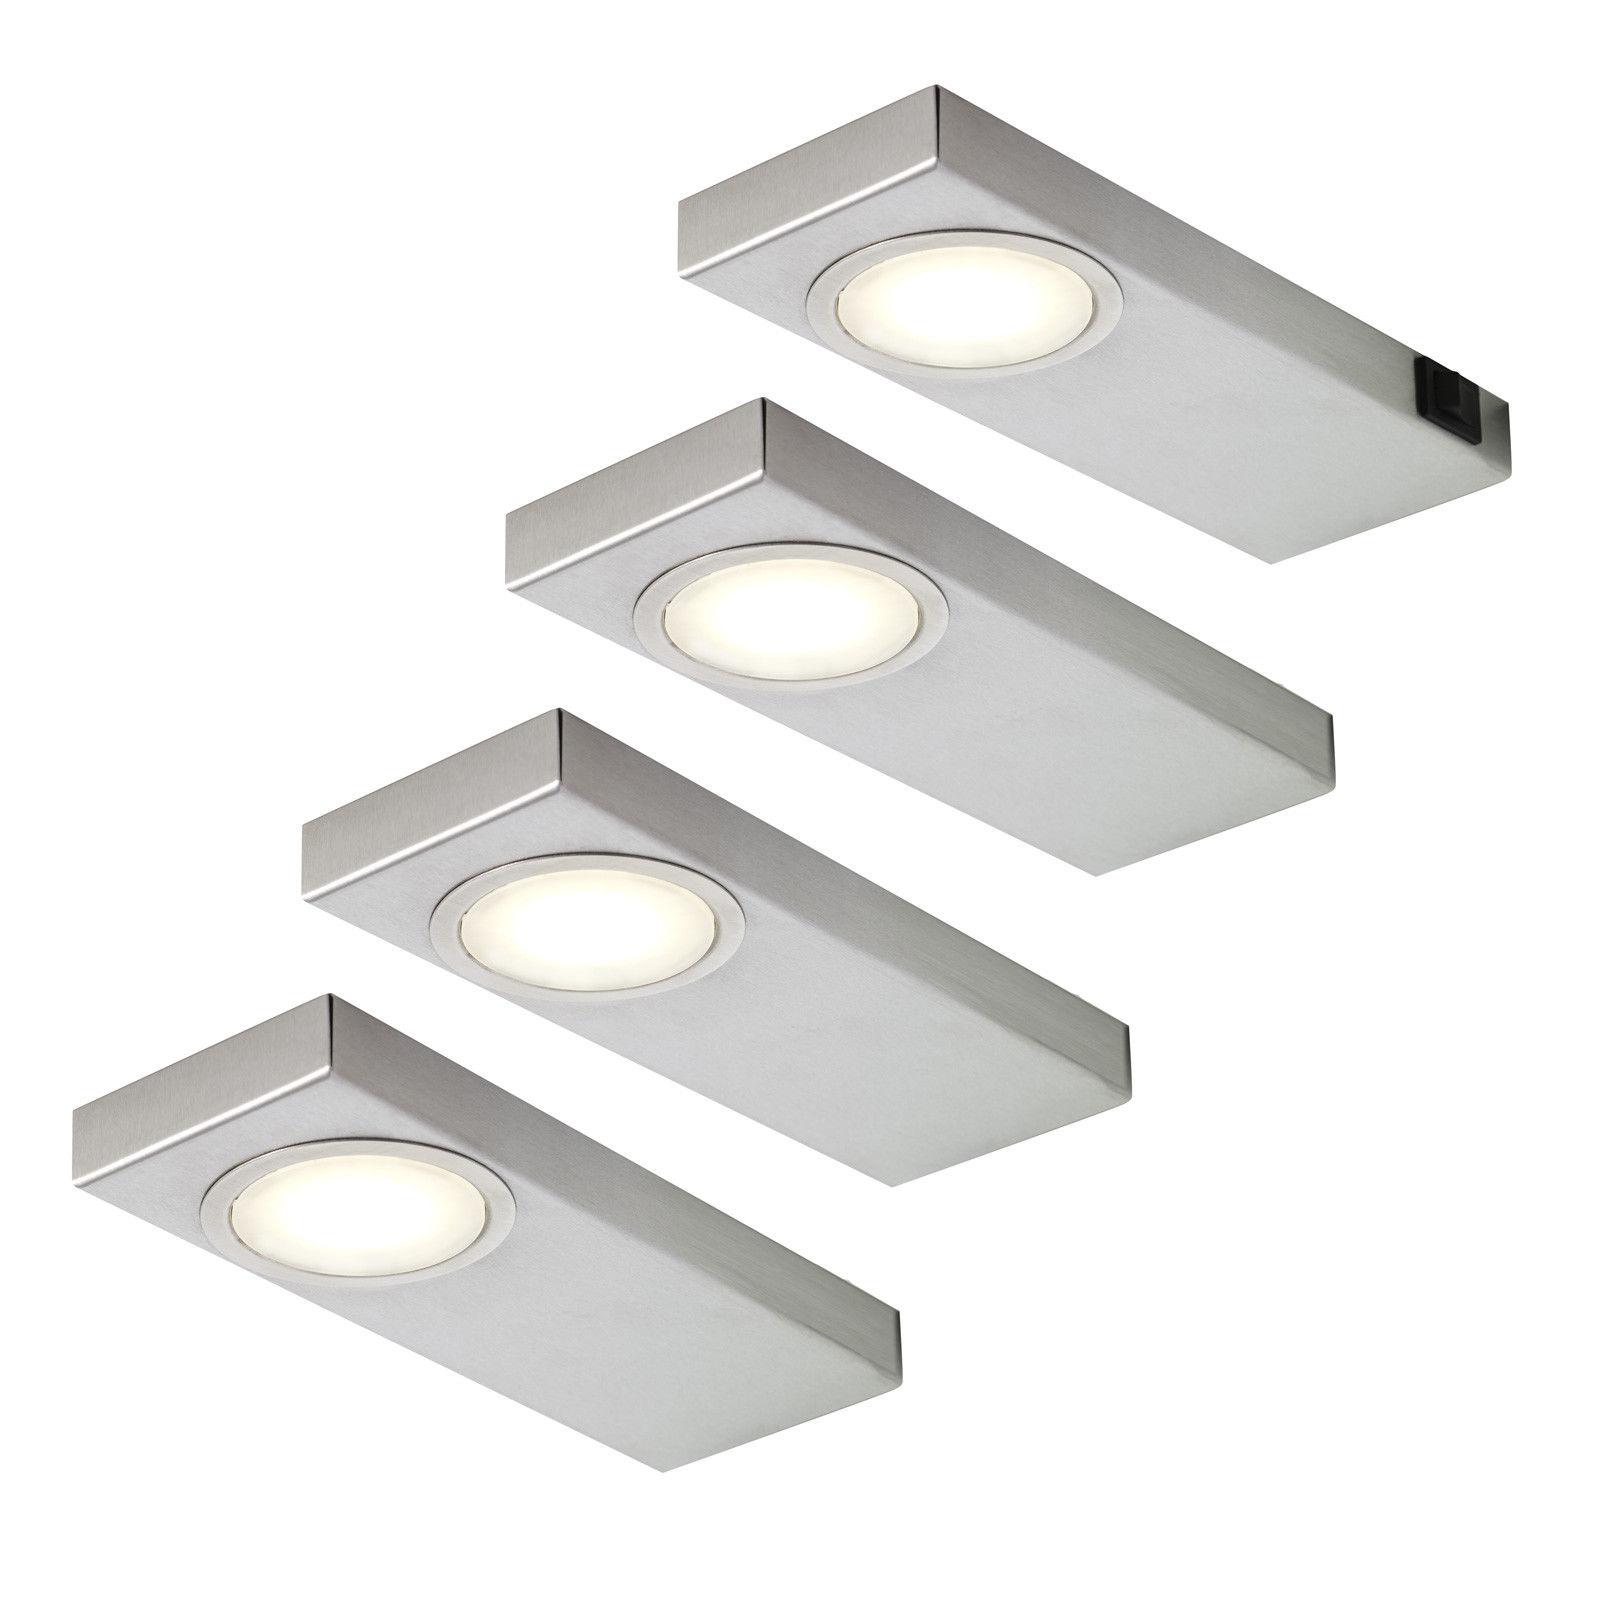 Unterbaulampen K che Led | Led Unterbauleuchte Ld 8046 2er Set